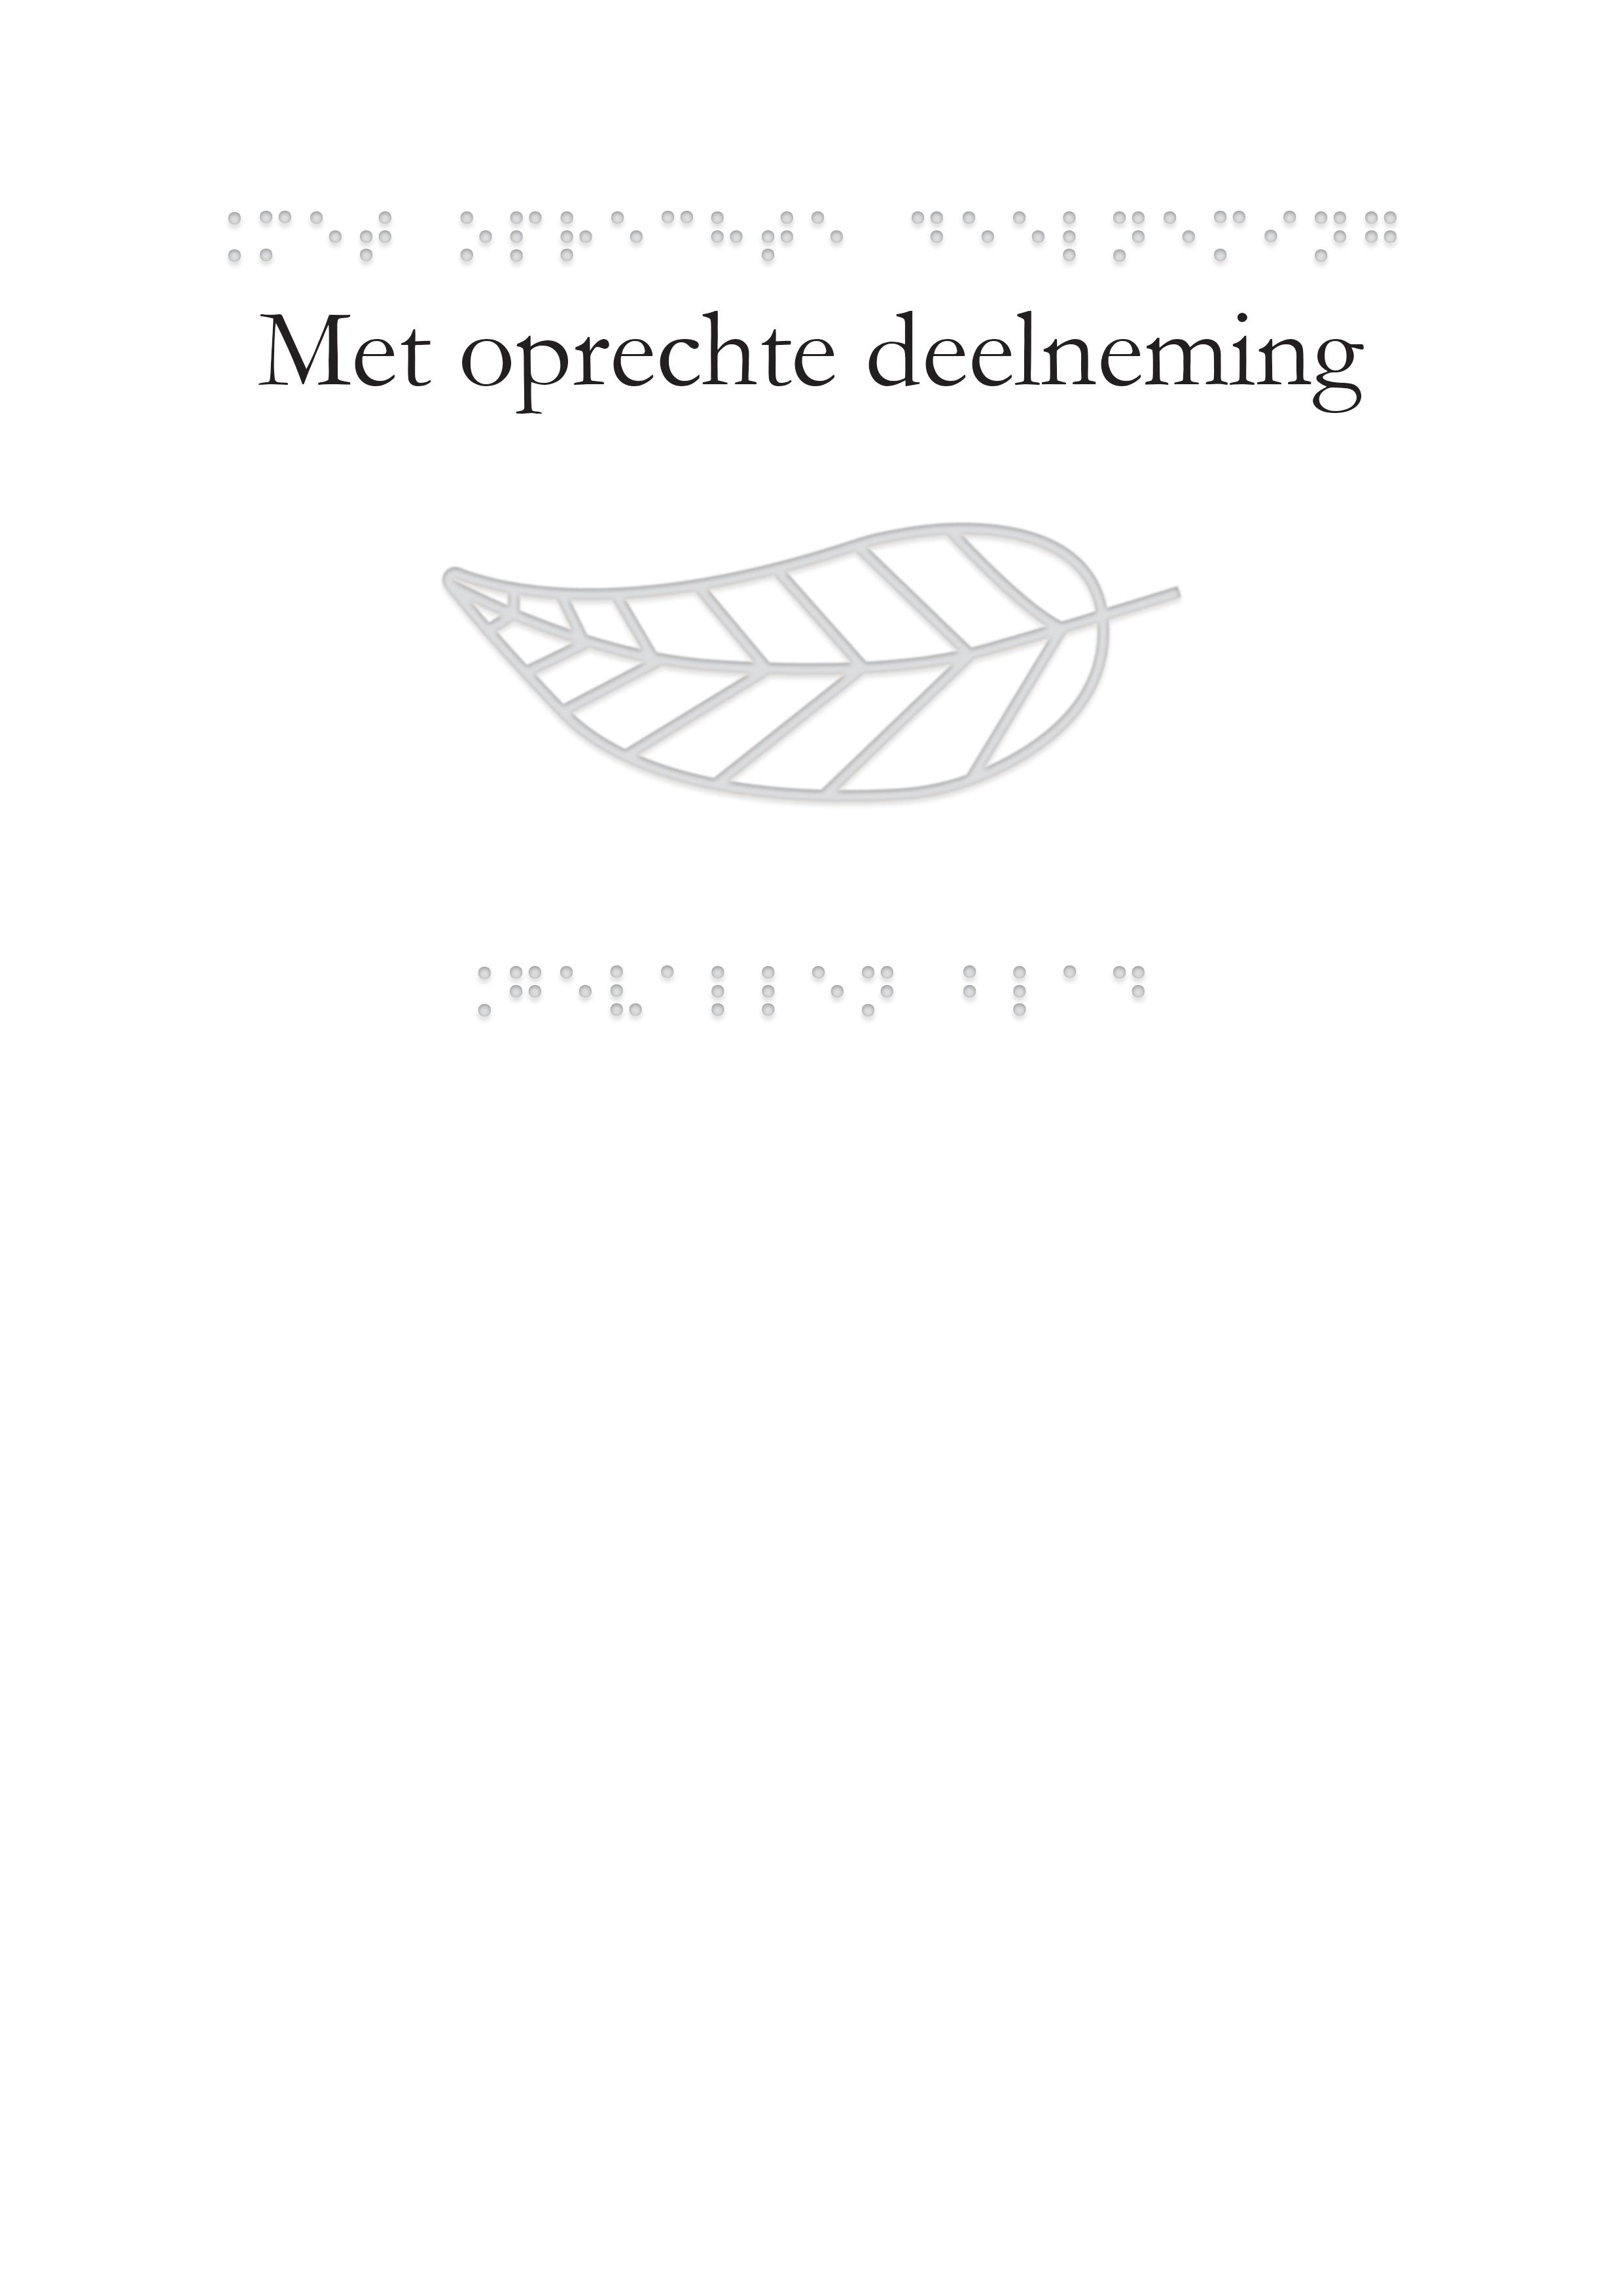 Voelbare wenskaart met braille en reliëf. In braille de tekst: Met oprechte deelneming. Met voelbare afbeelding van gevallen blad.